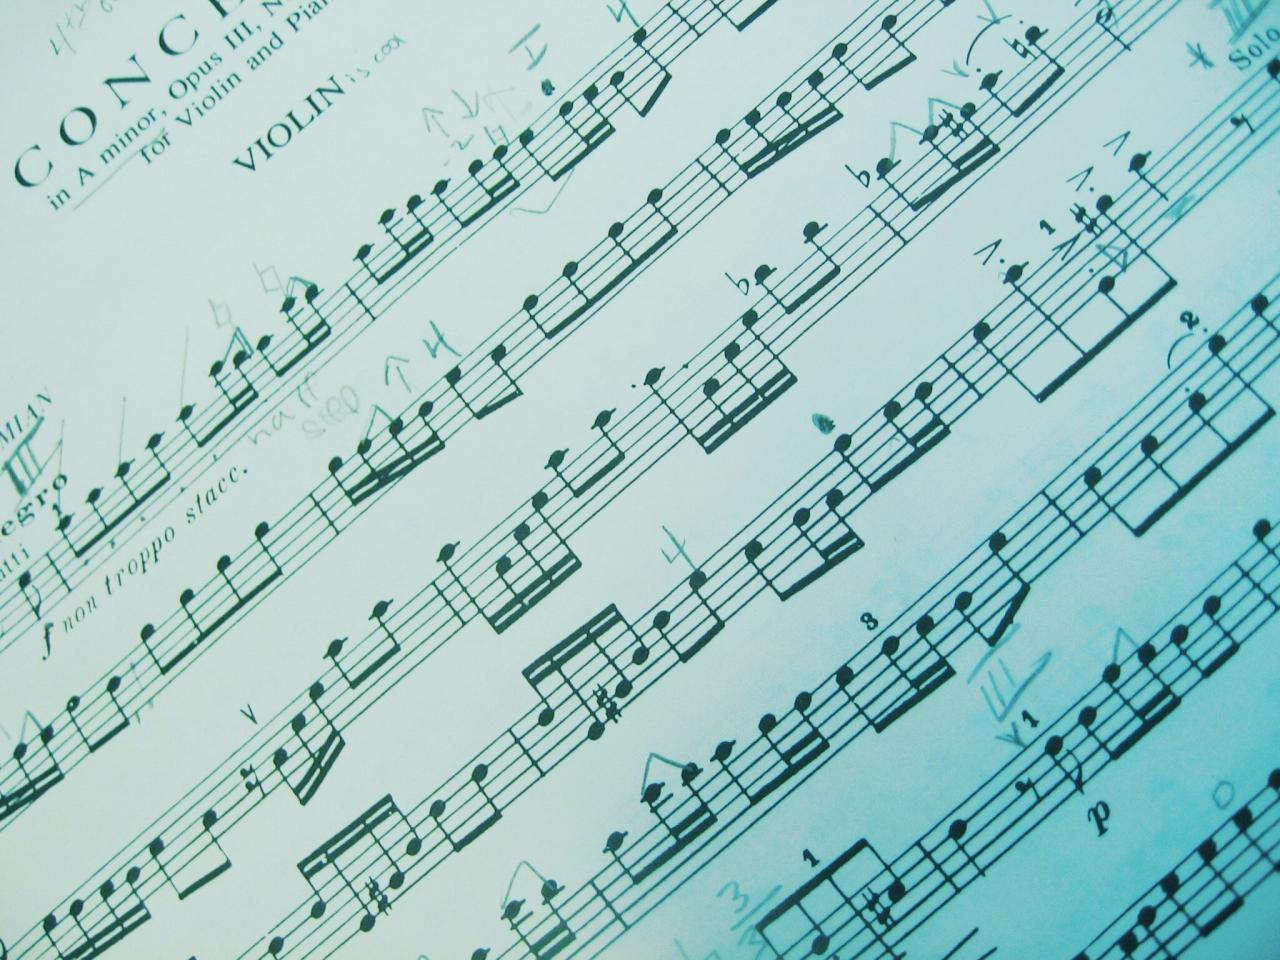 2048x1536 2048x1536 Sheet Music Tumblr Background Sheet music 1 by kerbi stock #4620